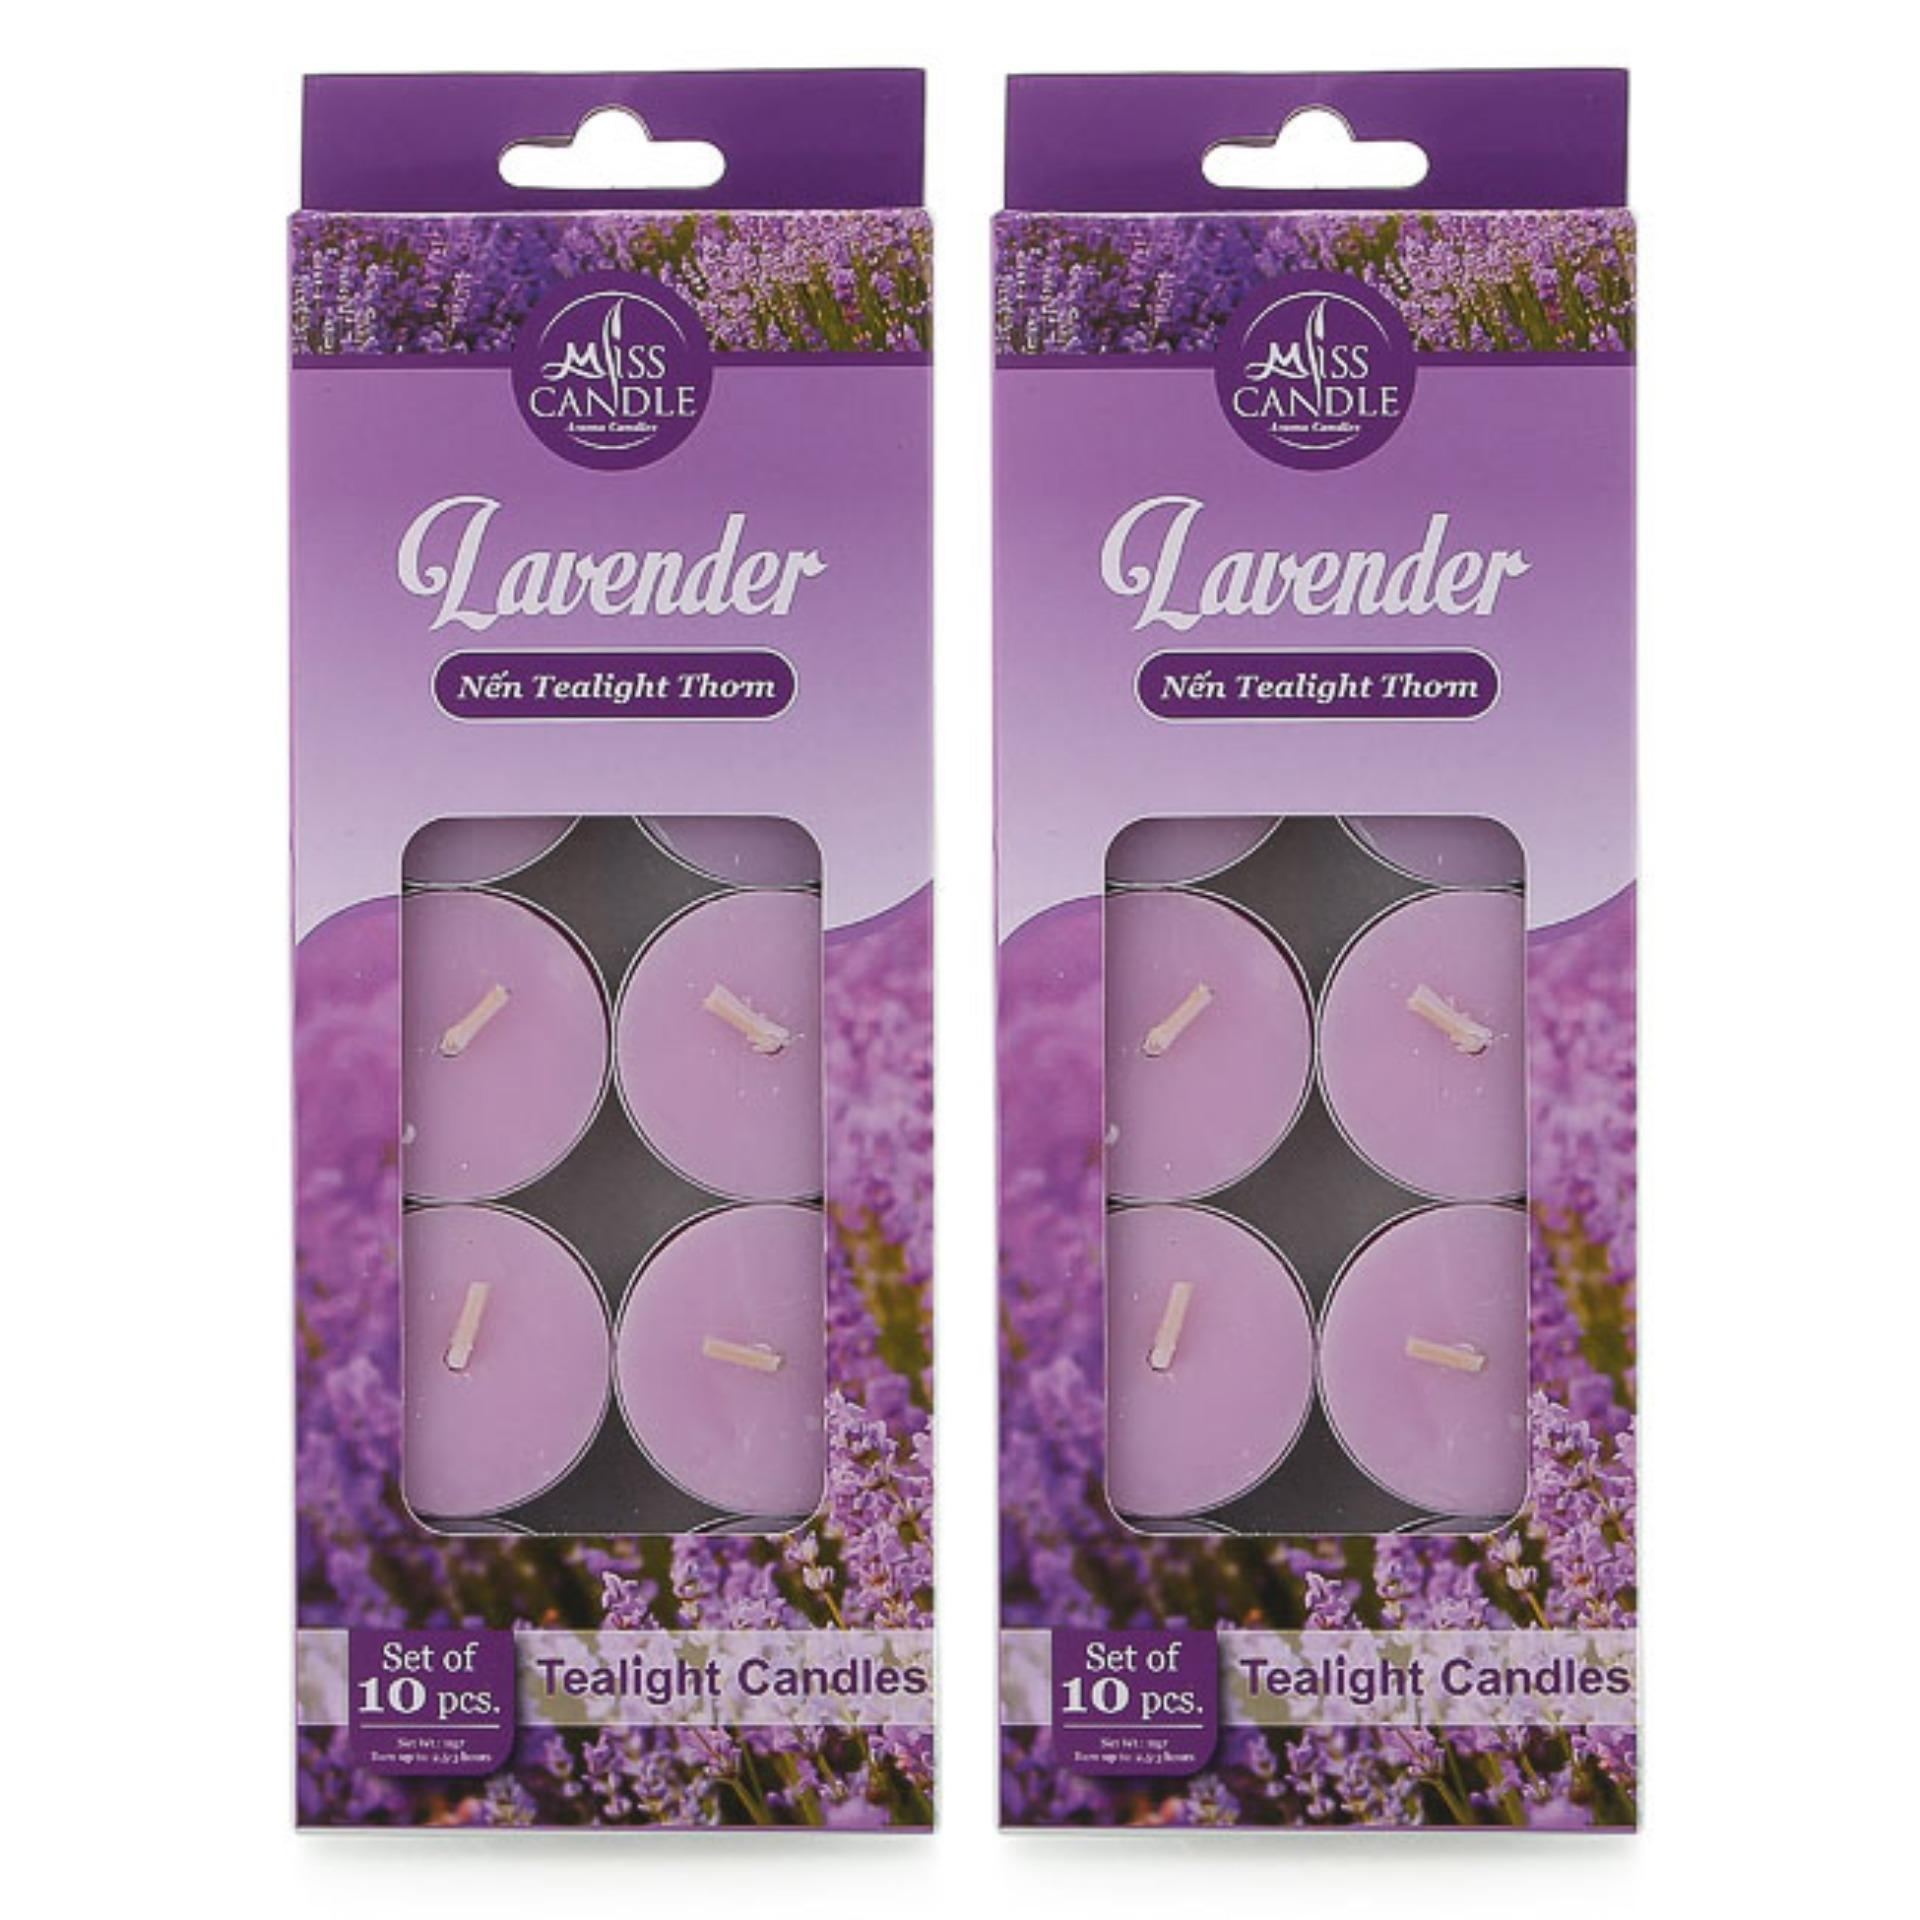 Bộ 20 nến tealight thơm hương oải hương Miss Candle FtraMart FTM-NQM0147 (Tím)